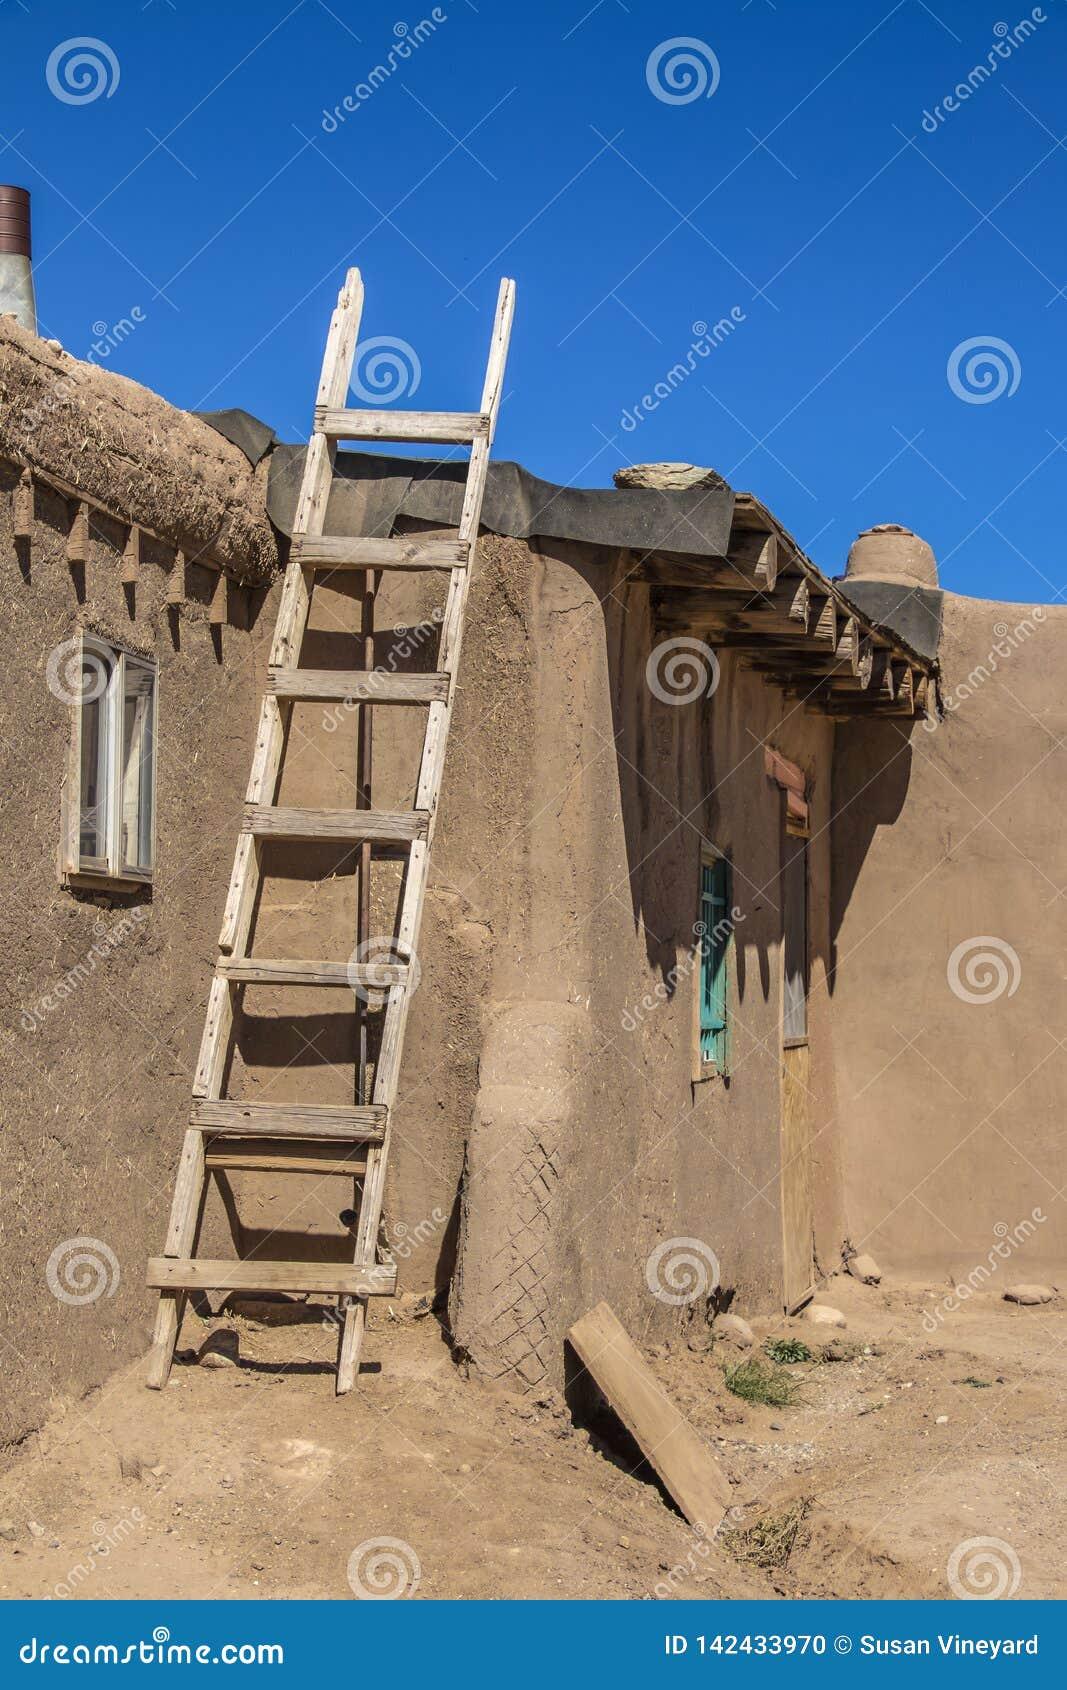 Домодельная деревянная лестница против стороны дома Пуэбло самана грязи куда бумага смолки кладется на крышу - с драматическими т